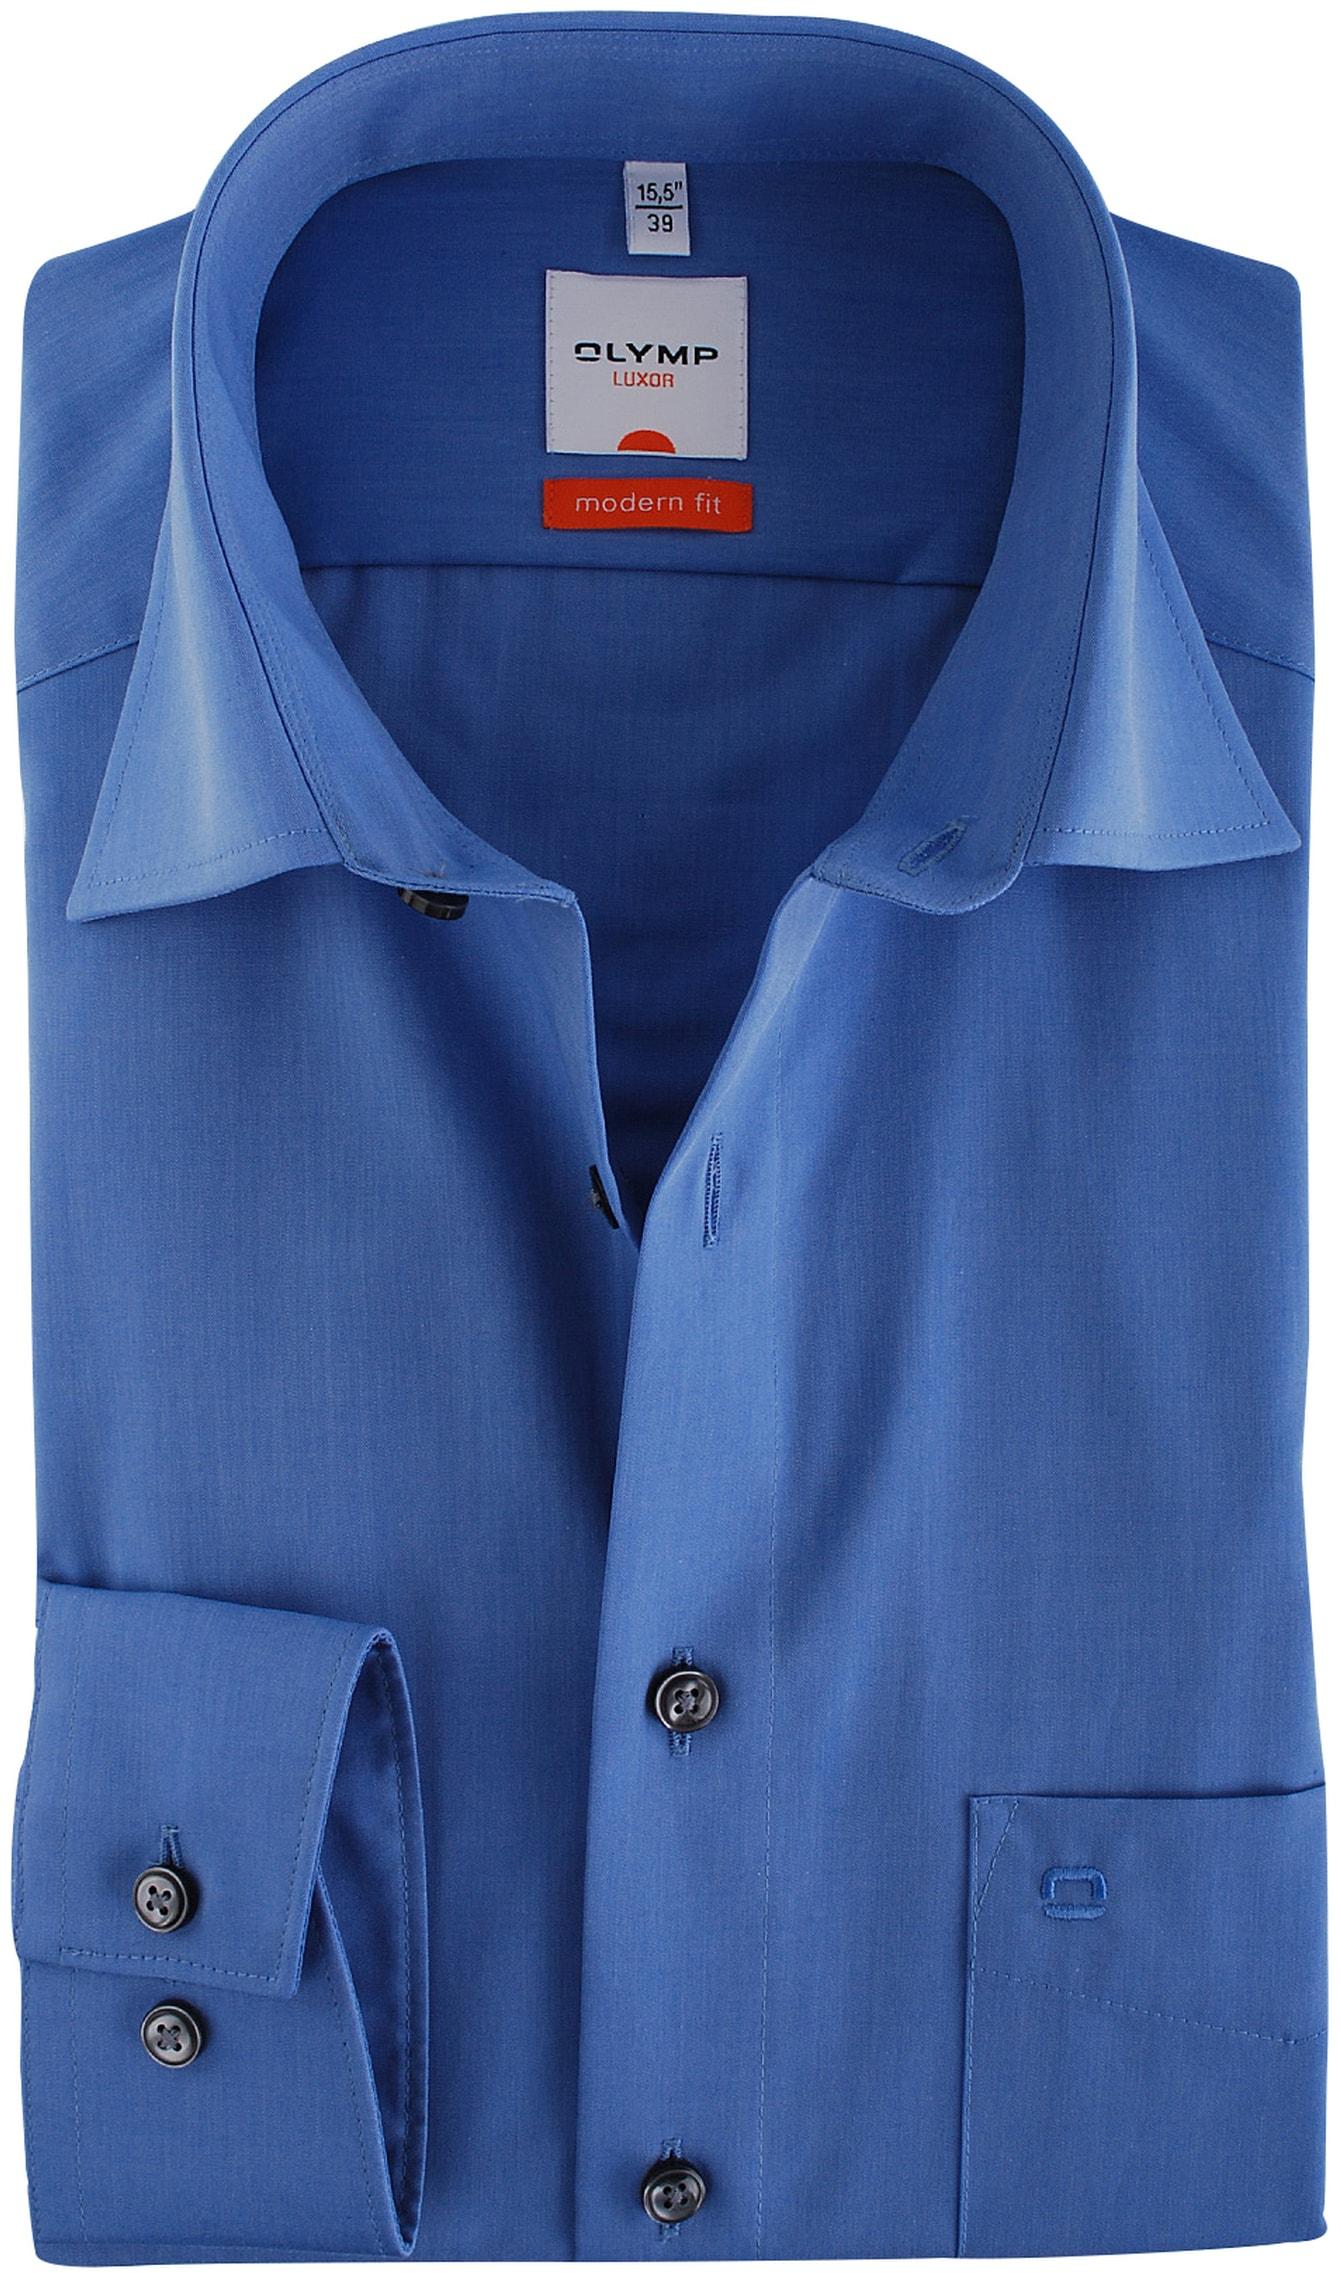 olymp luxor overhemd modern fit blauw. Black Bedroom Furniture Sets. Home Design Ideas